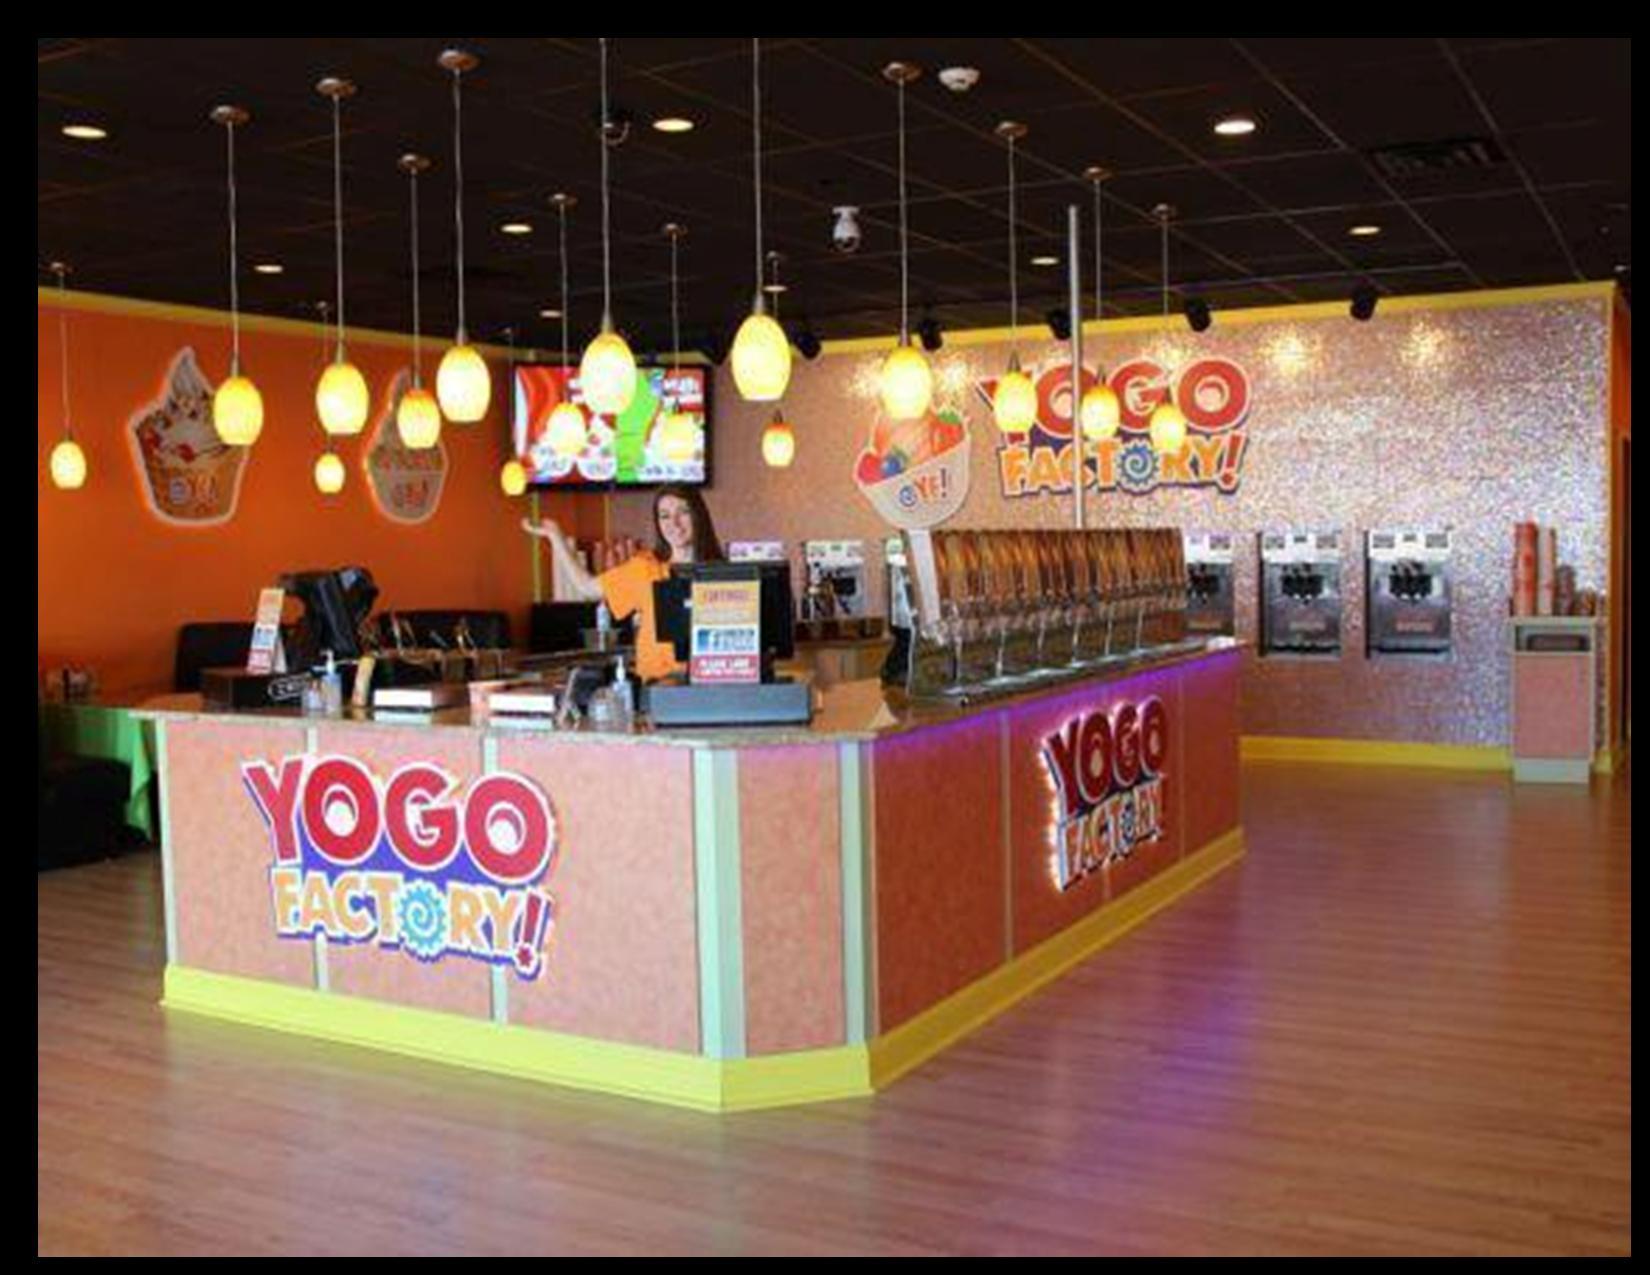 yogo factory